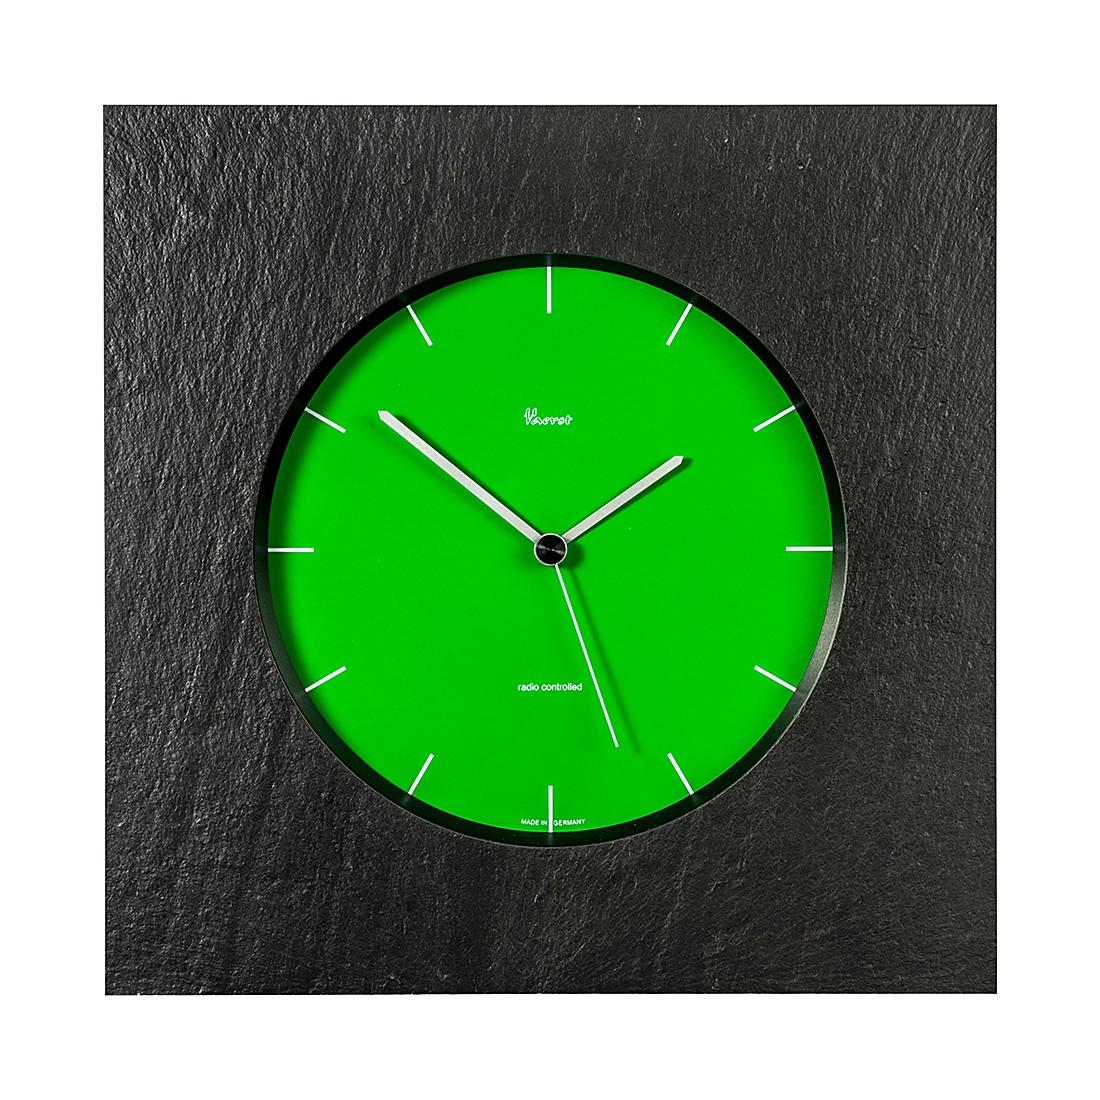 Funk-Wanduhr aus Naturschiefer, Zifferblatt Grün, Trenduhr – arabische Zahlen Weiß, Vaerst günstig